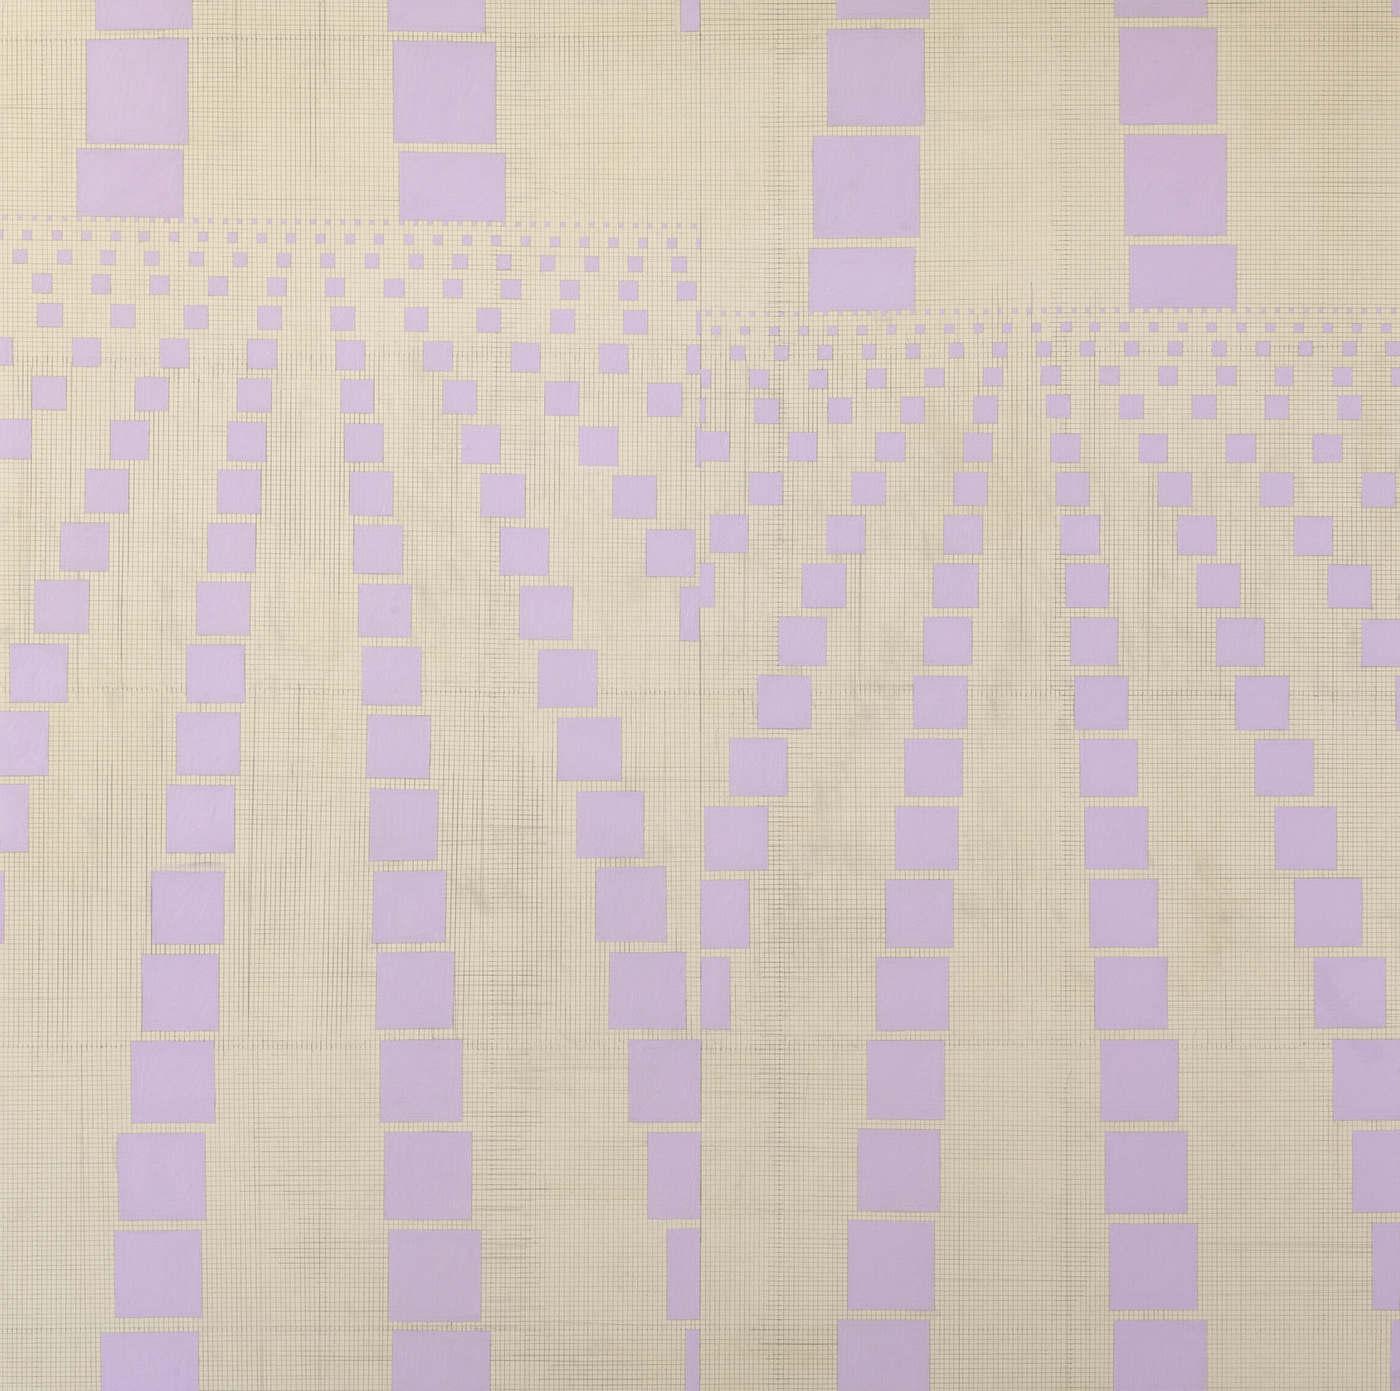 Lavendar Grid, Loop